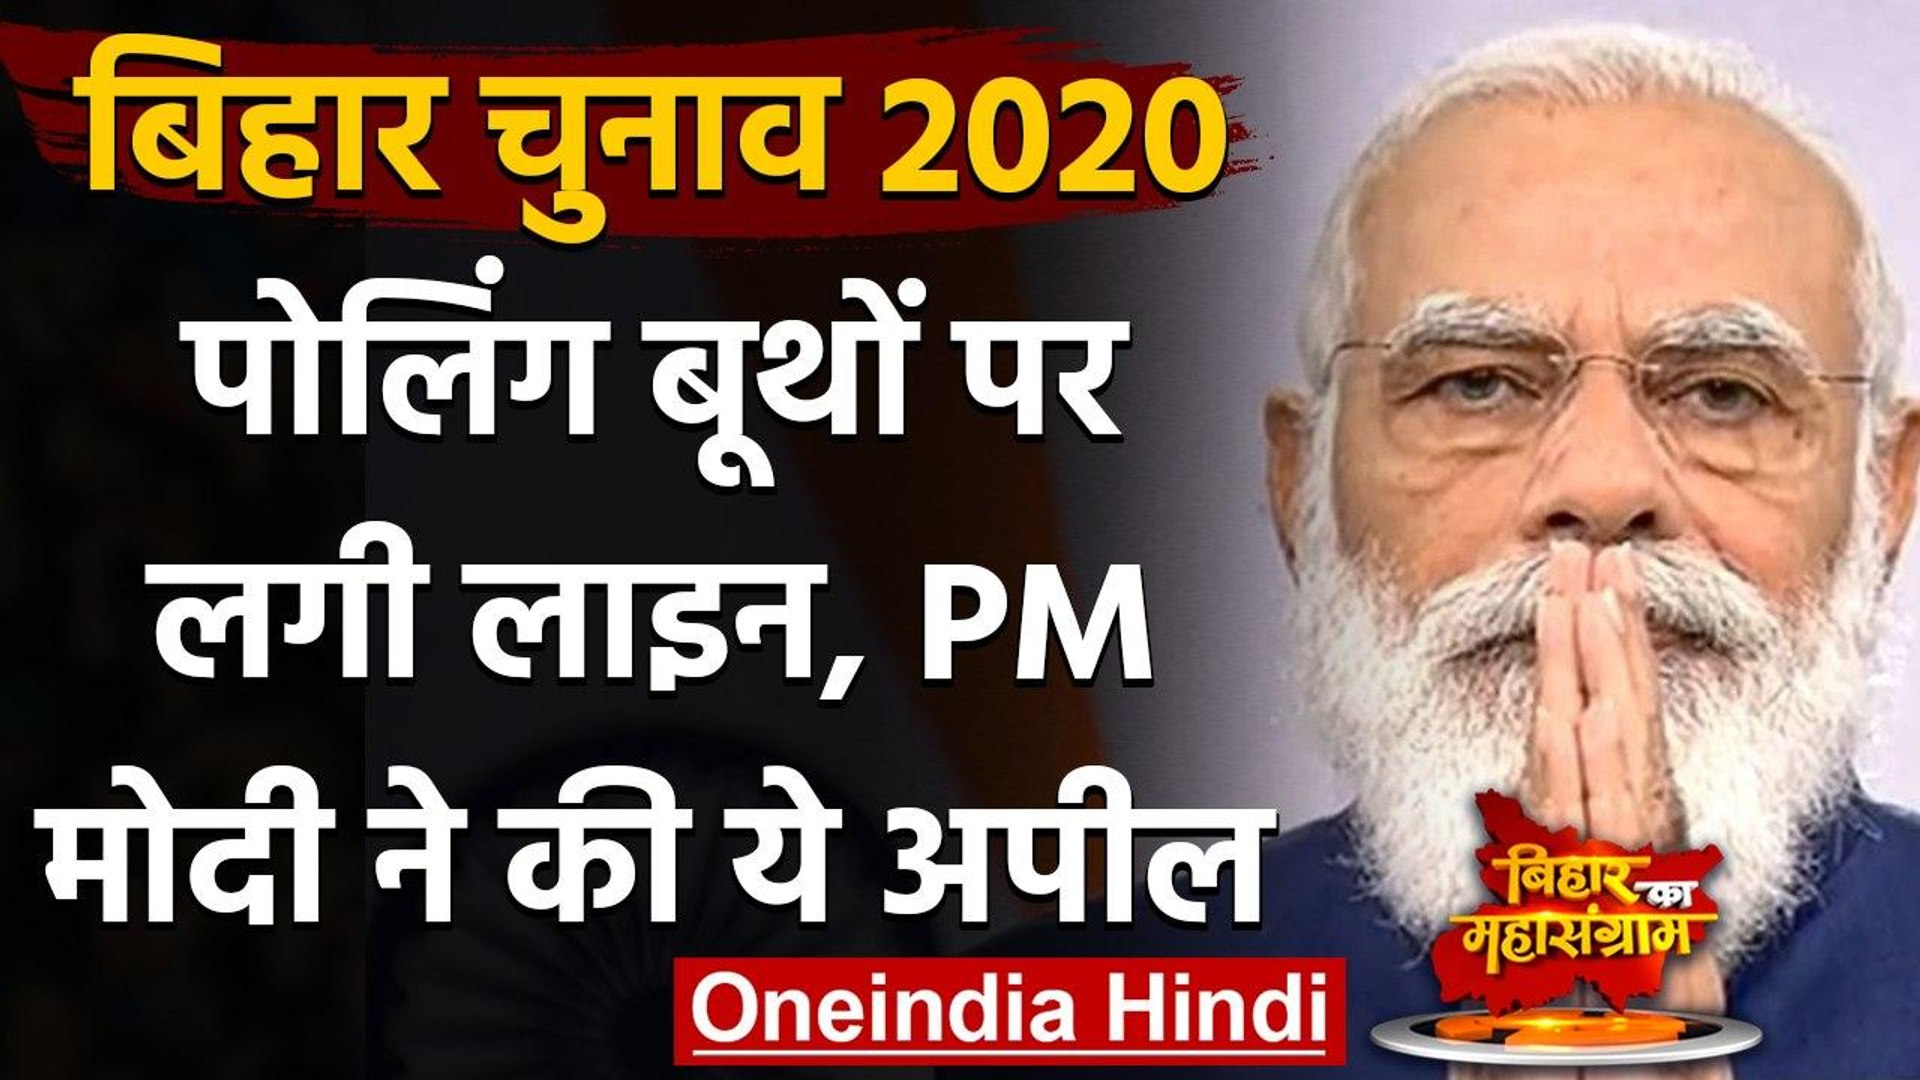 Bihar Election Phase 1: वोटिंग के लिए लगी बूथों पर लाइन, PM Modi ने की ये अपील | वनइंडिया हिंदी